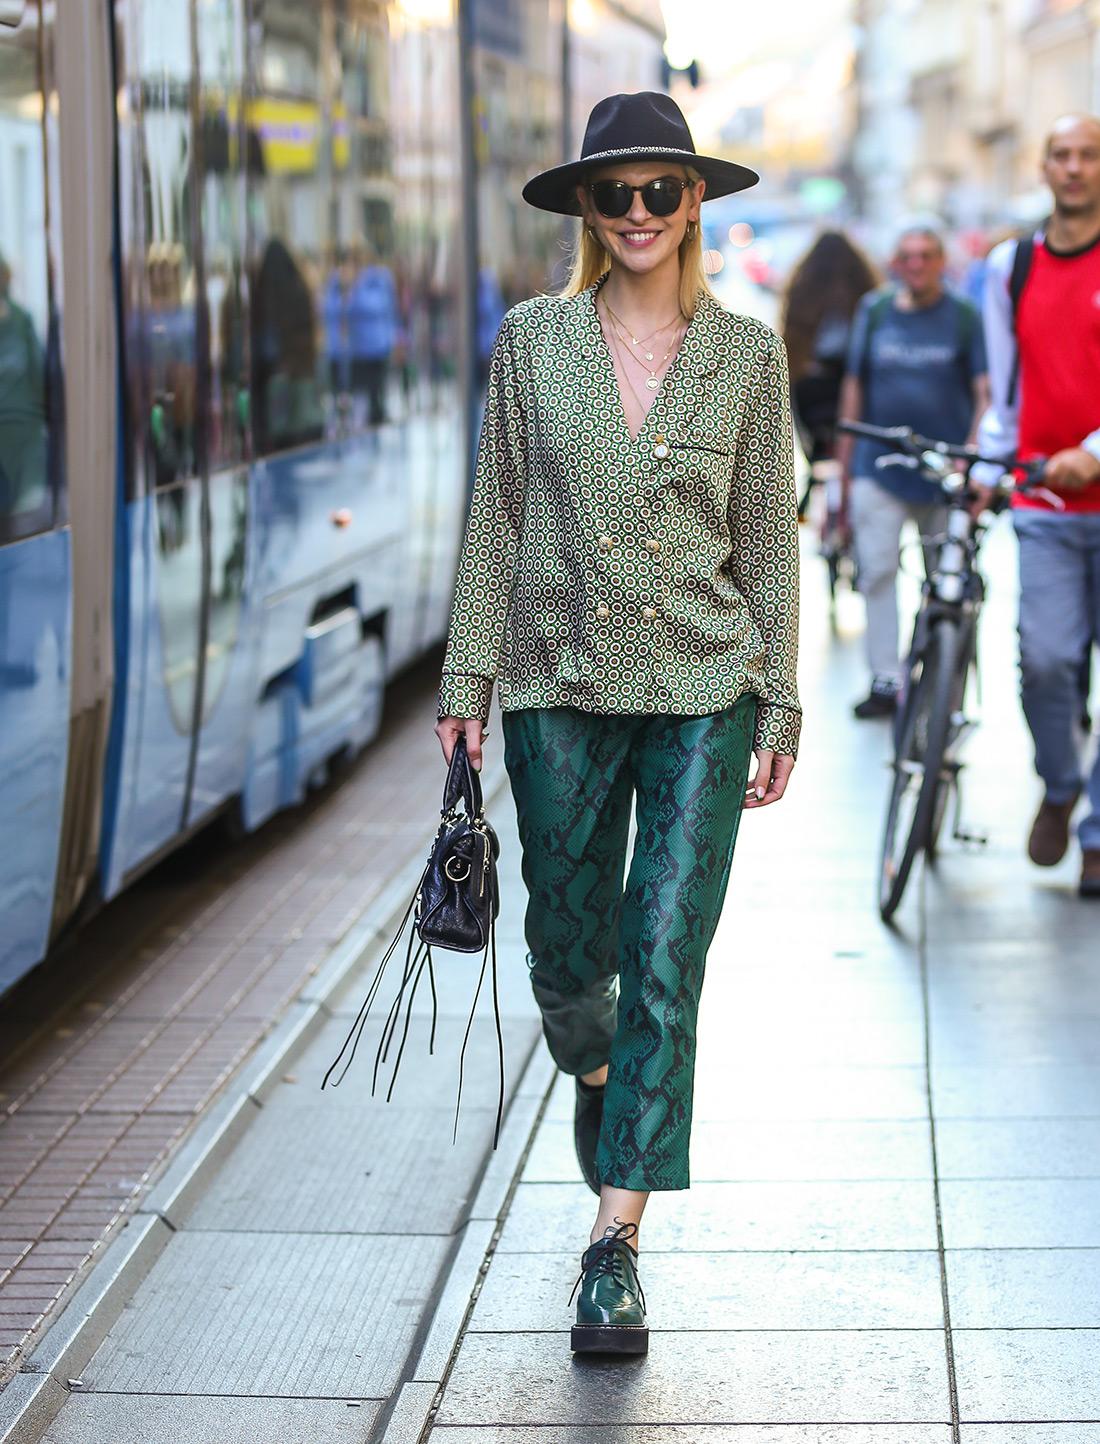 street style zagreb ženska moda jesen zima 2019/2020 zelene hlače zmijskog uzorka špica zagreb zagrebačka špica Lucija Lalić instagram